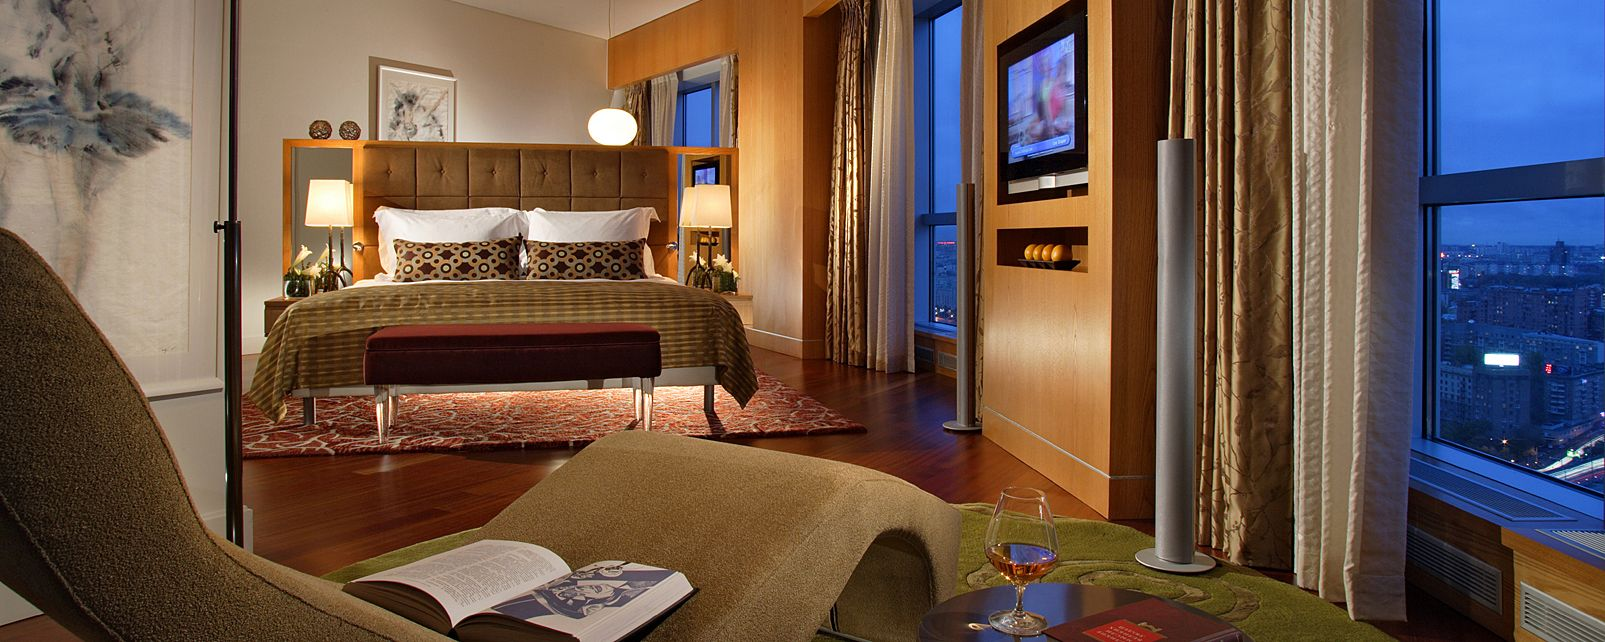 Hotel Swissôtel Krasnye Holmy